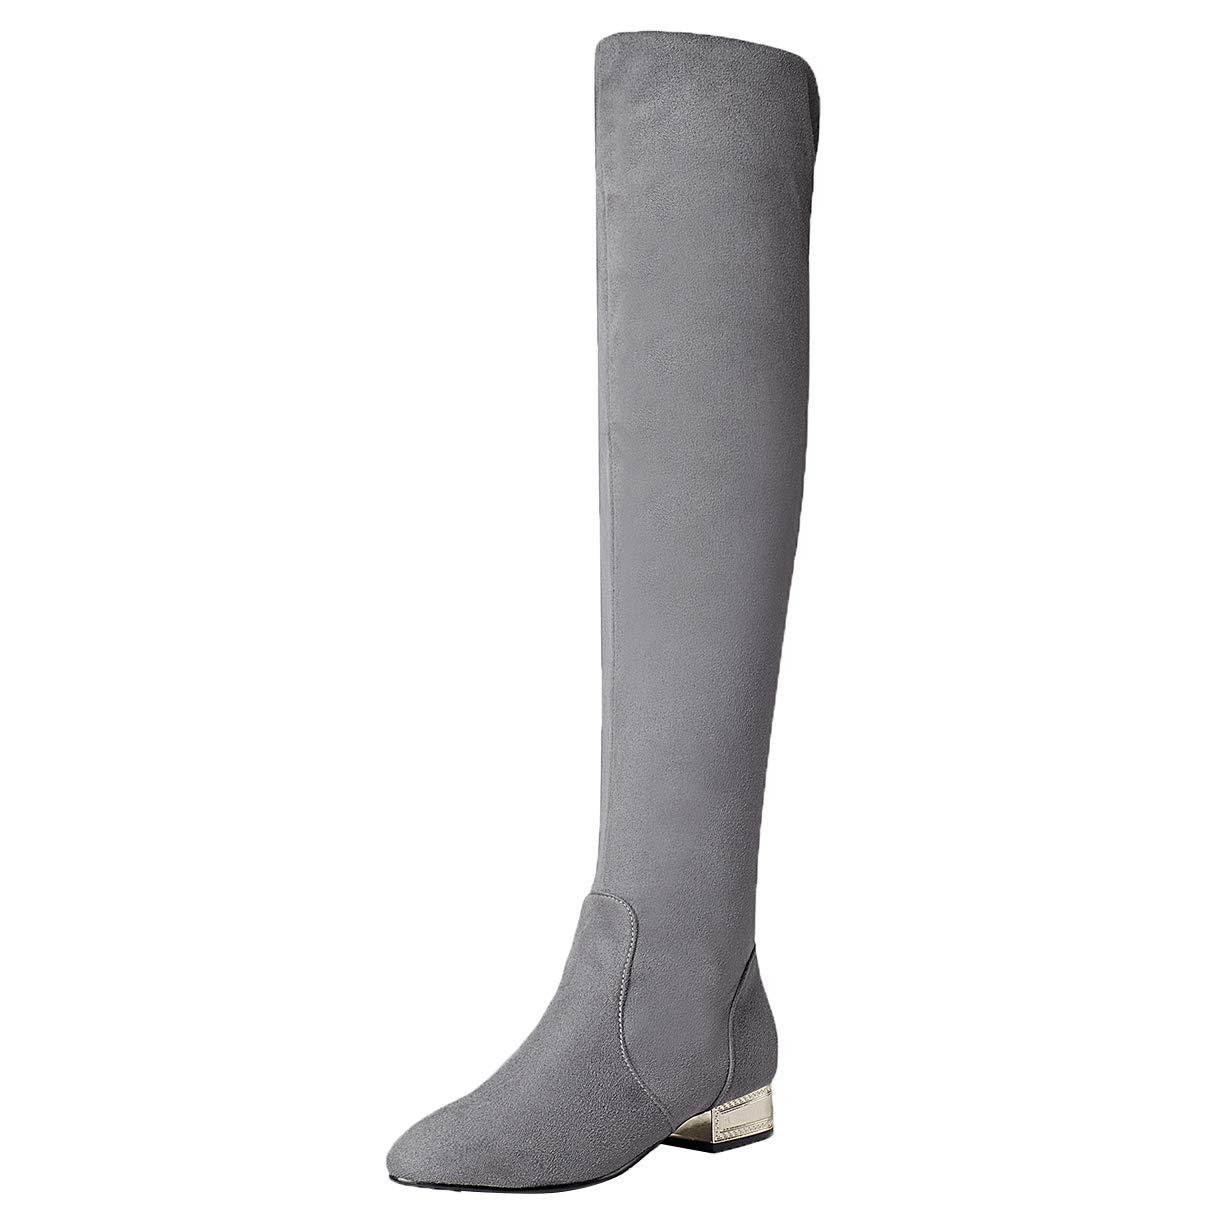 JYshoes , Femme Bottes Classiques Femme , B077BVV5YZ Gris c8783d5 - fast-weightloss-diet.space